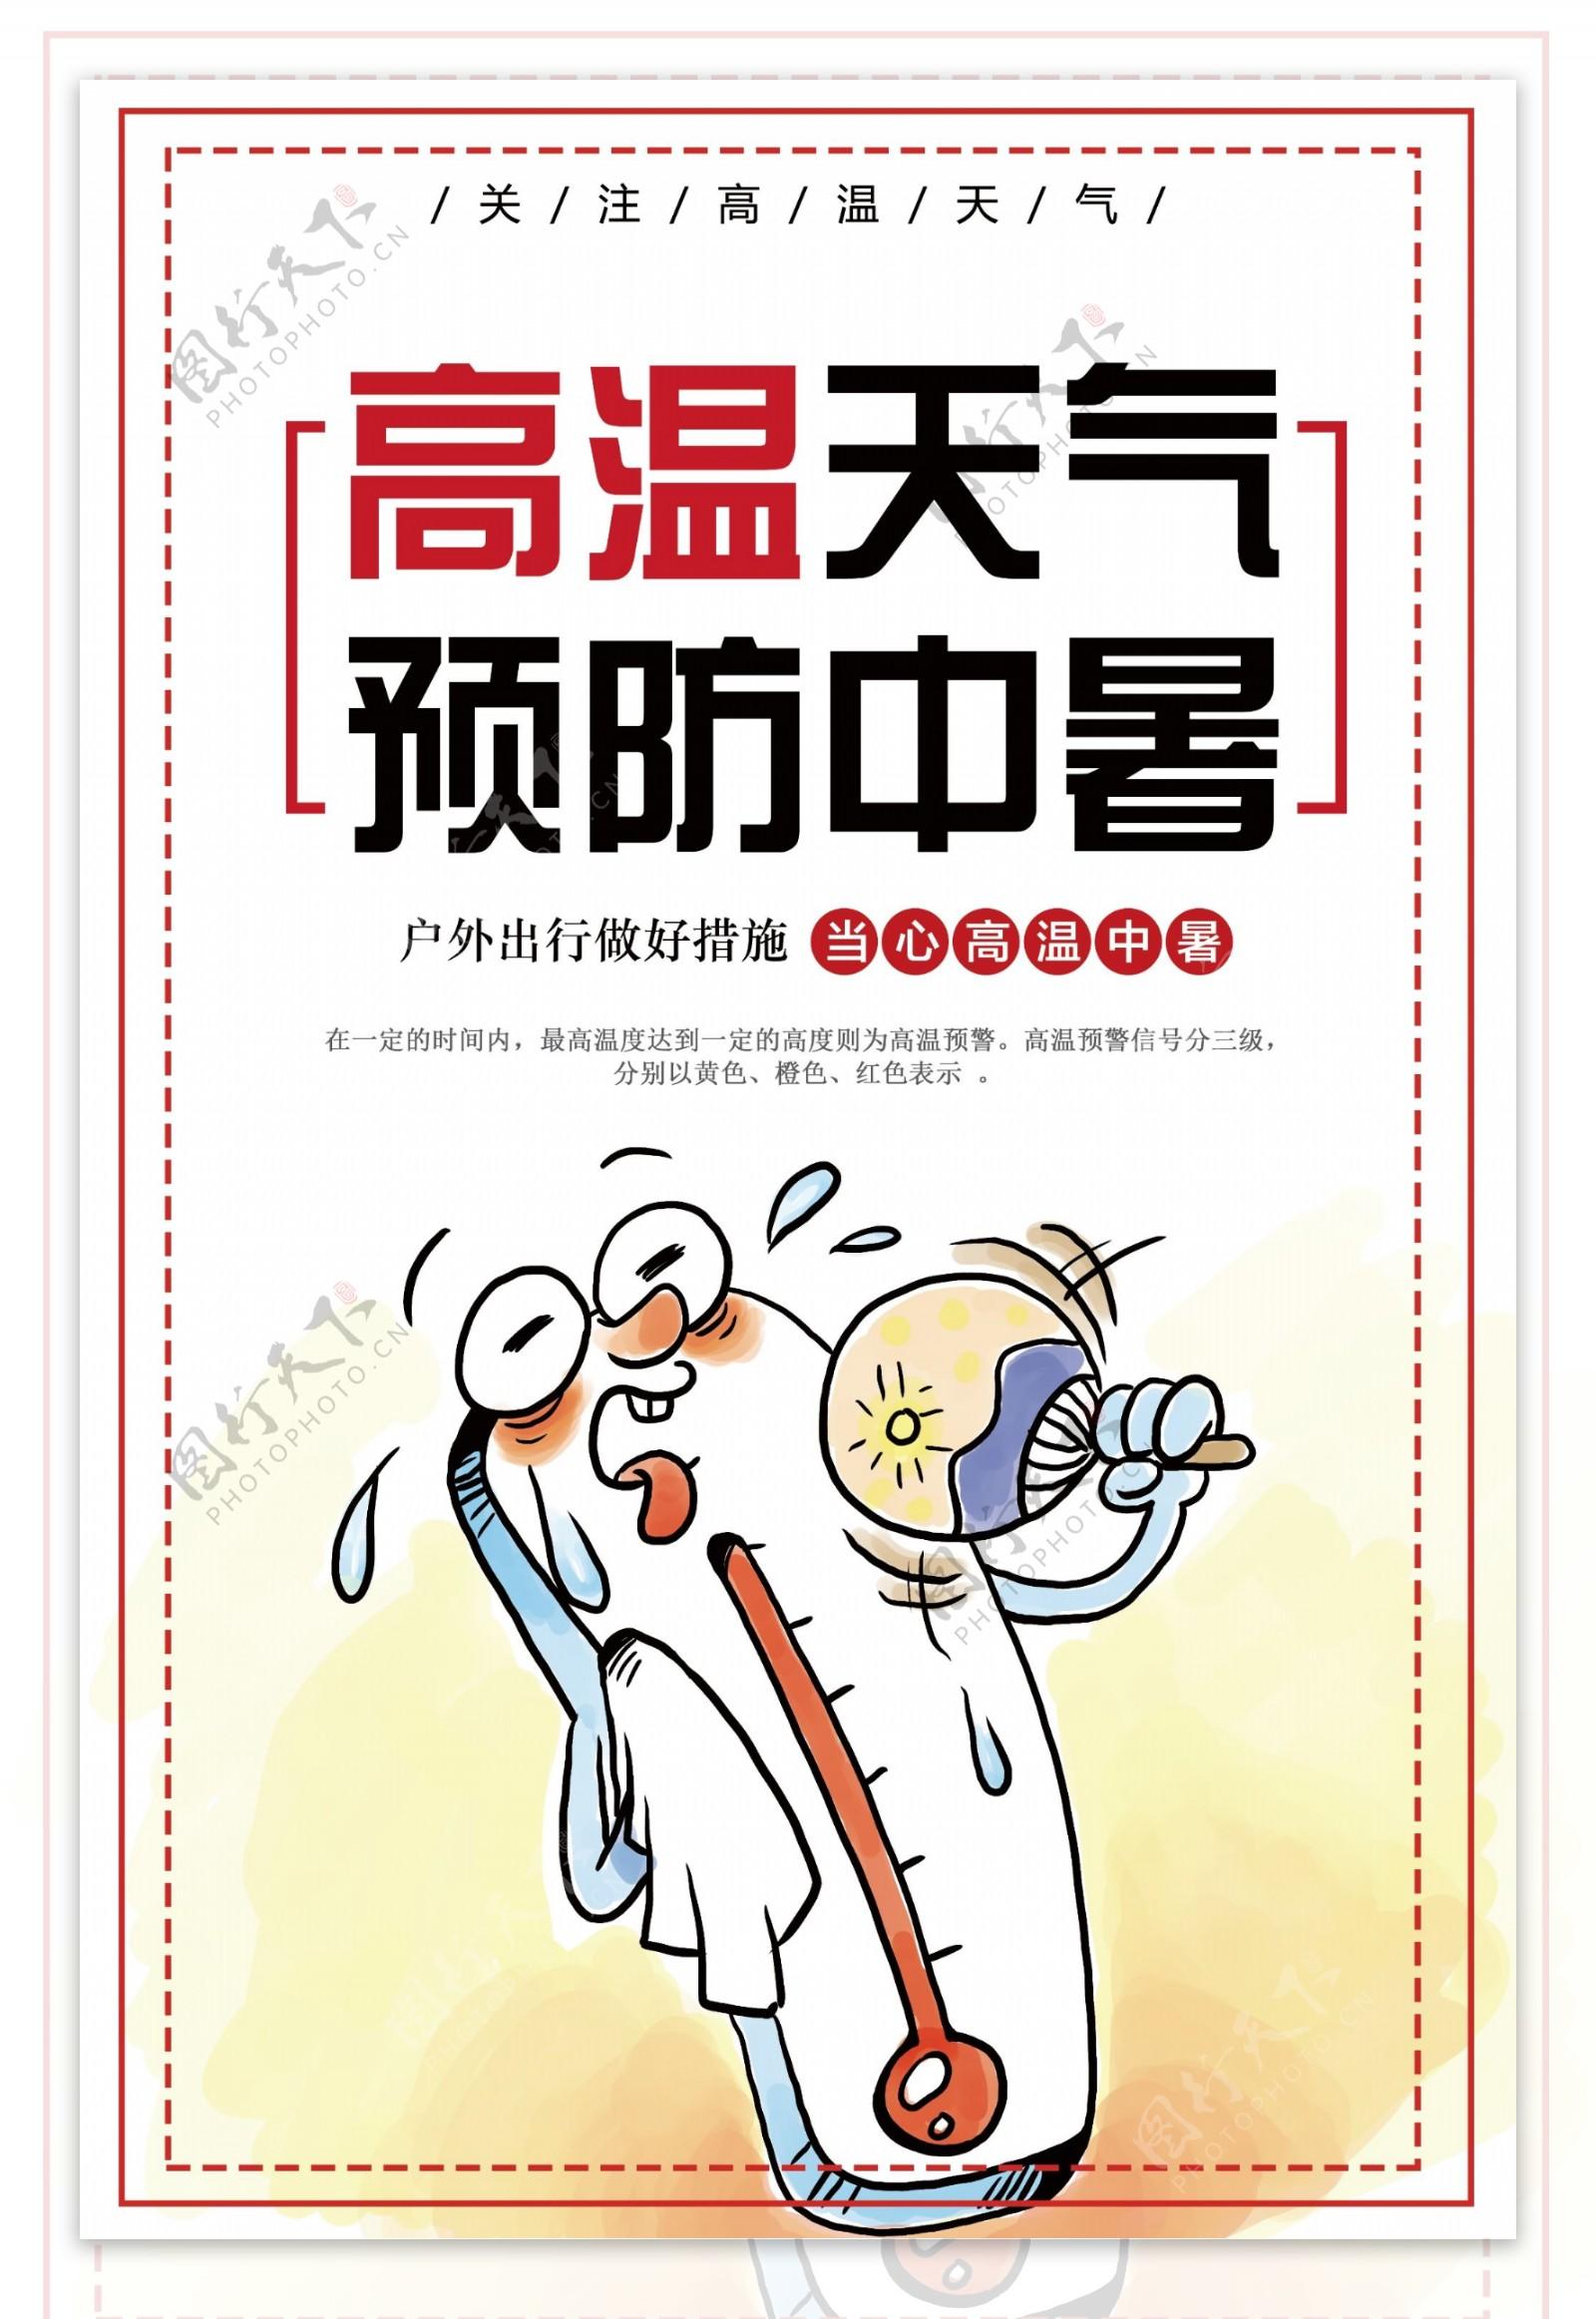 高温天气中暑宣传插画卡通海报